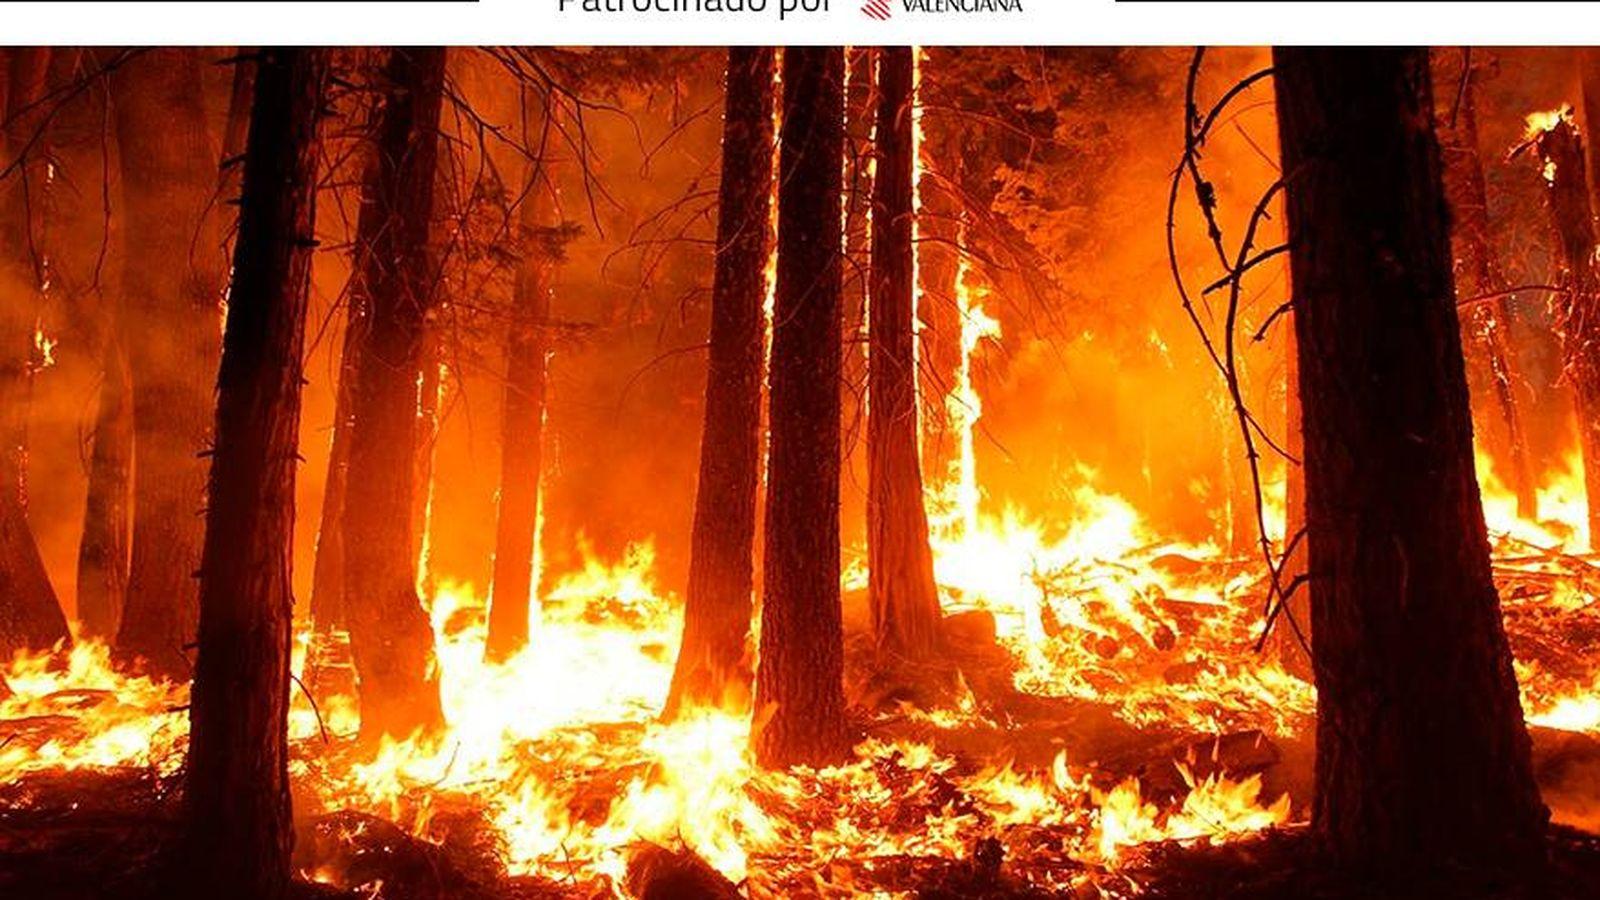 incendios si te vieras rodeado por un incendio forestal